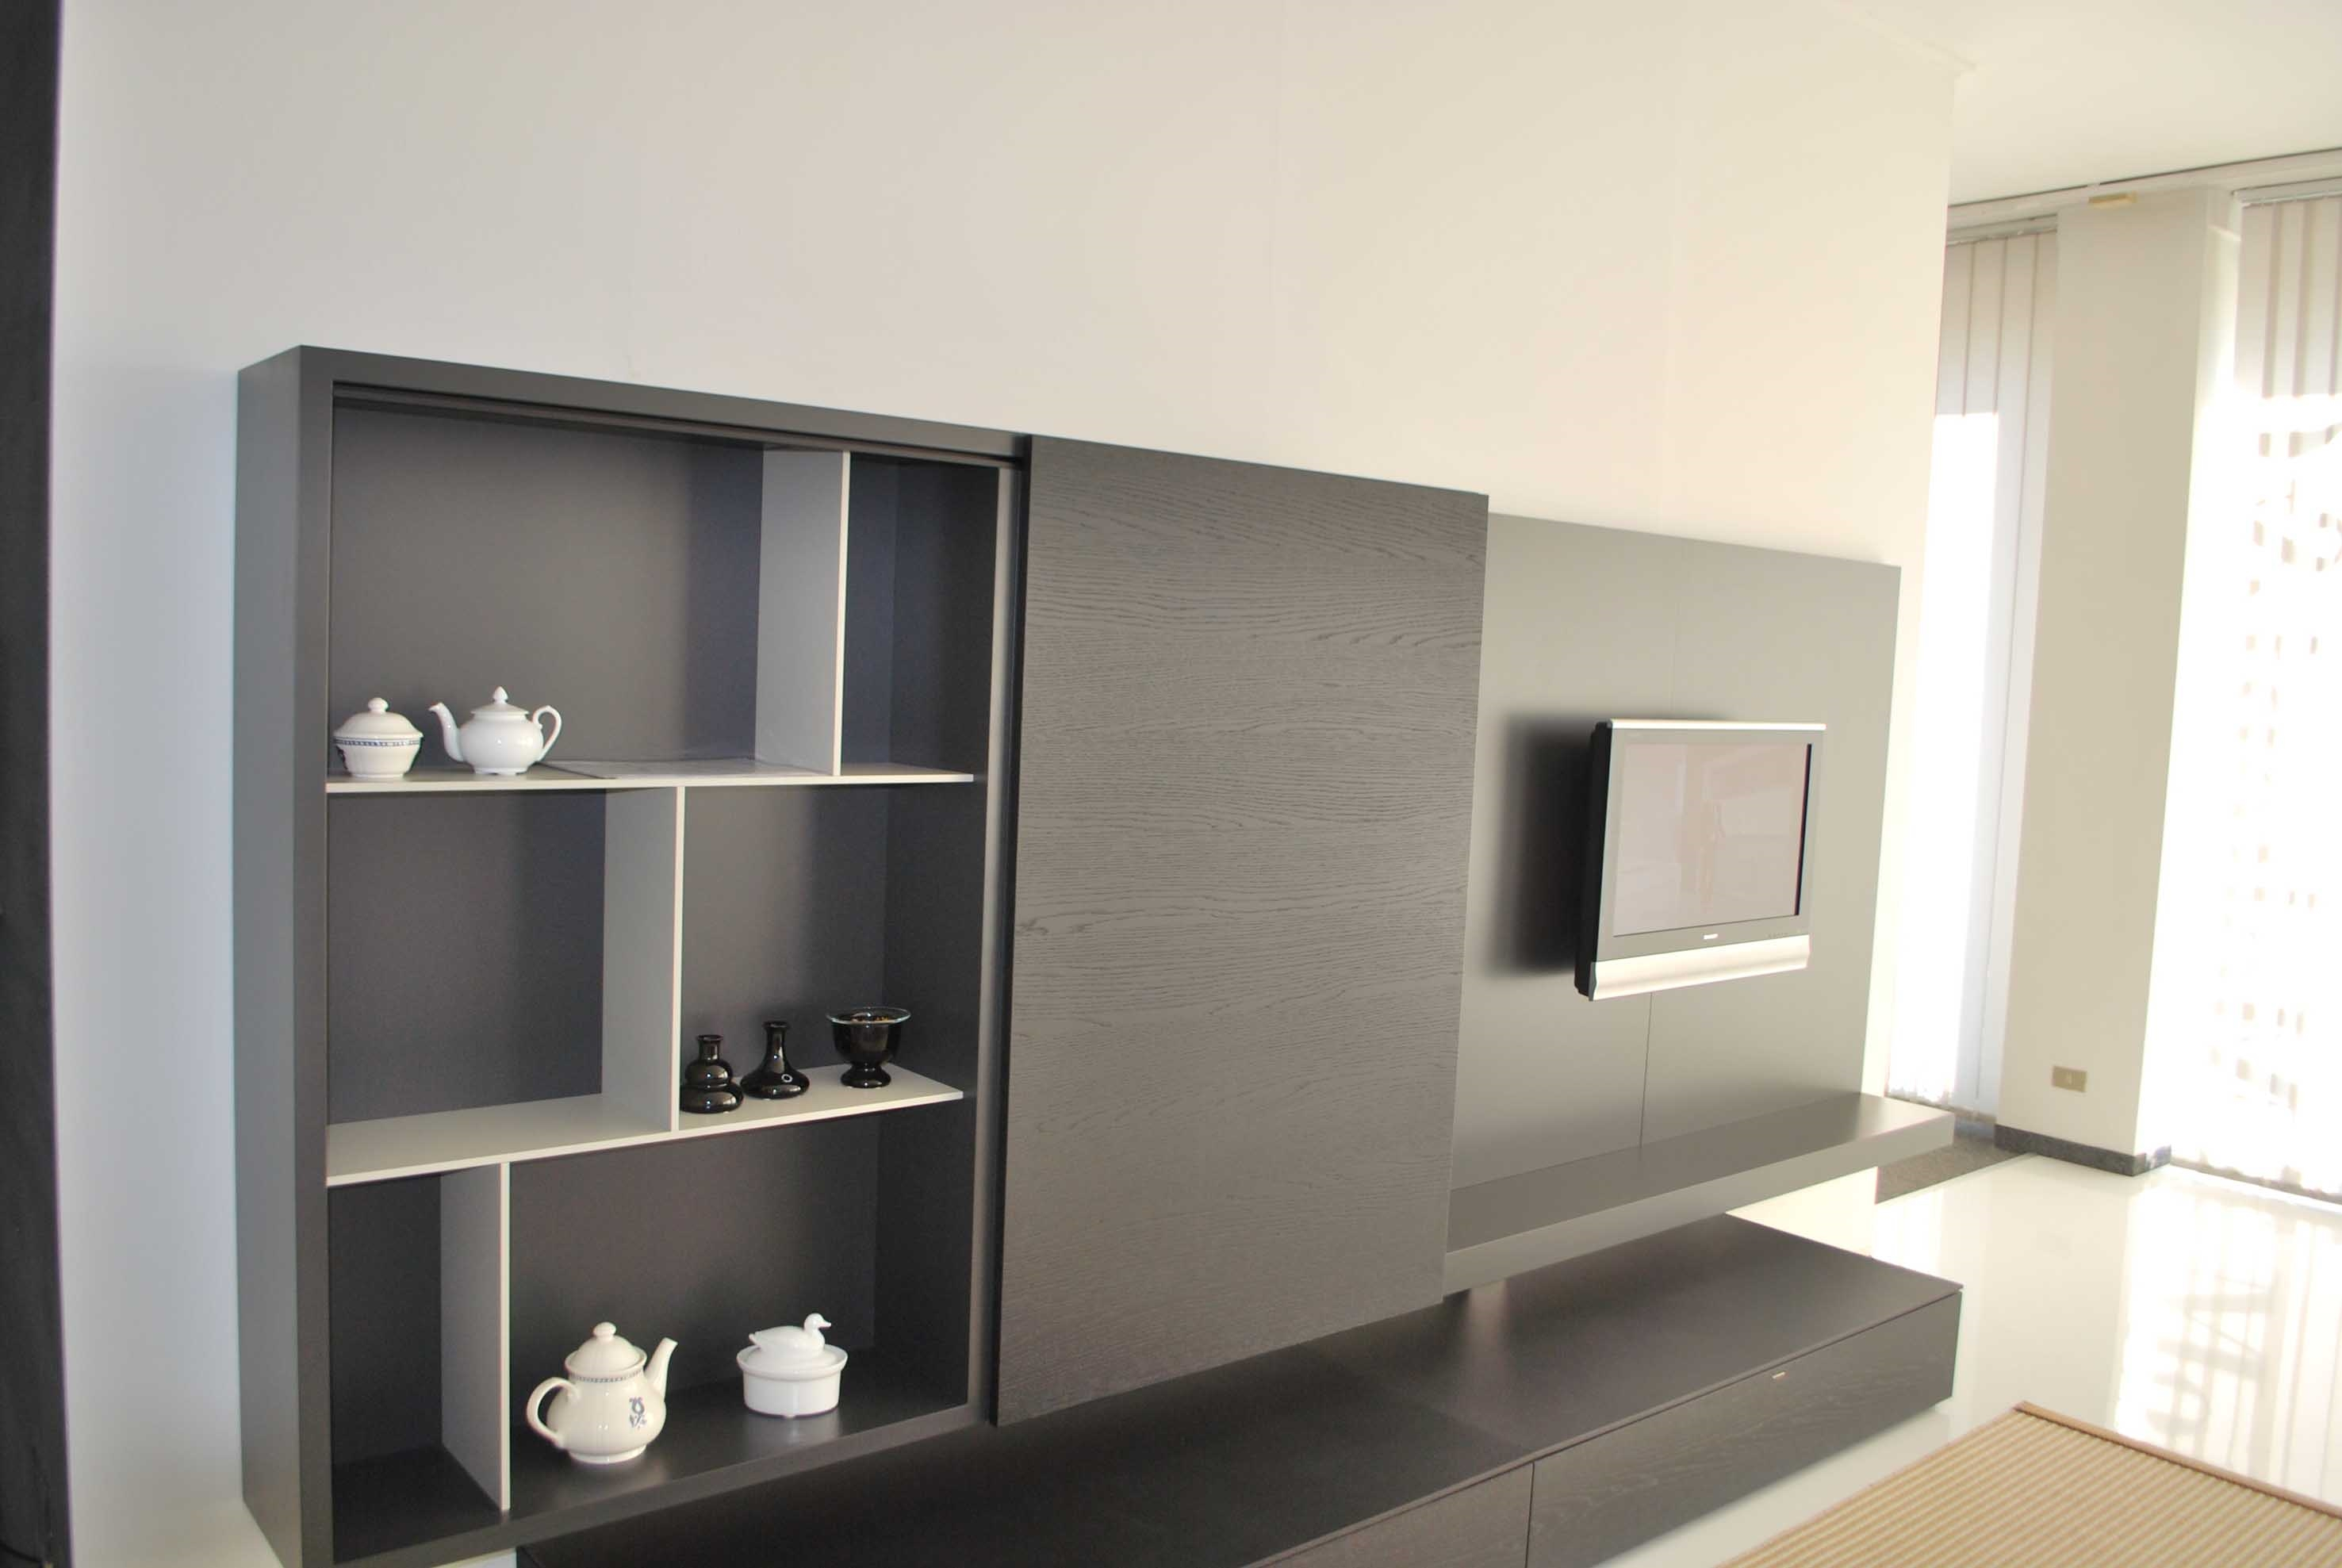 Stunning Soggiorni Molteni Contemporary - Idee Arredamento Casa ...